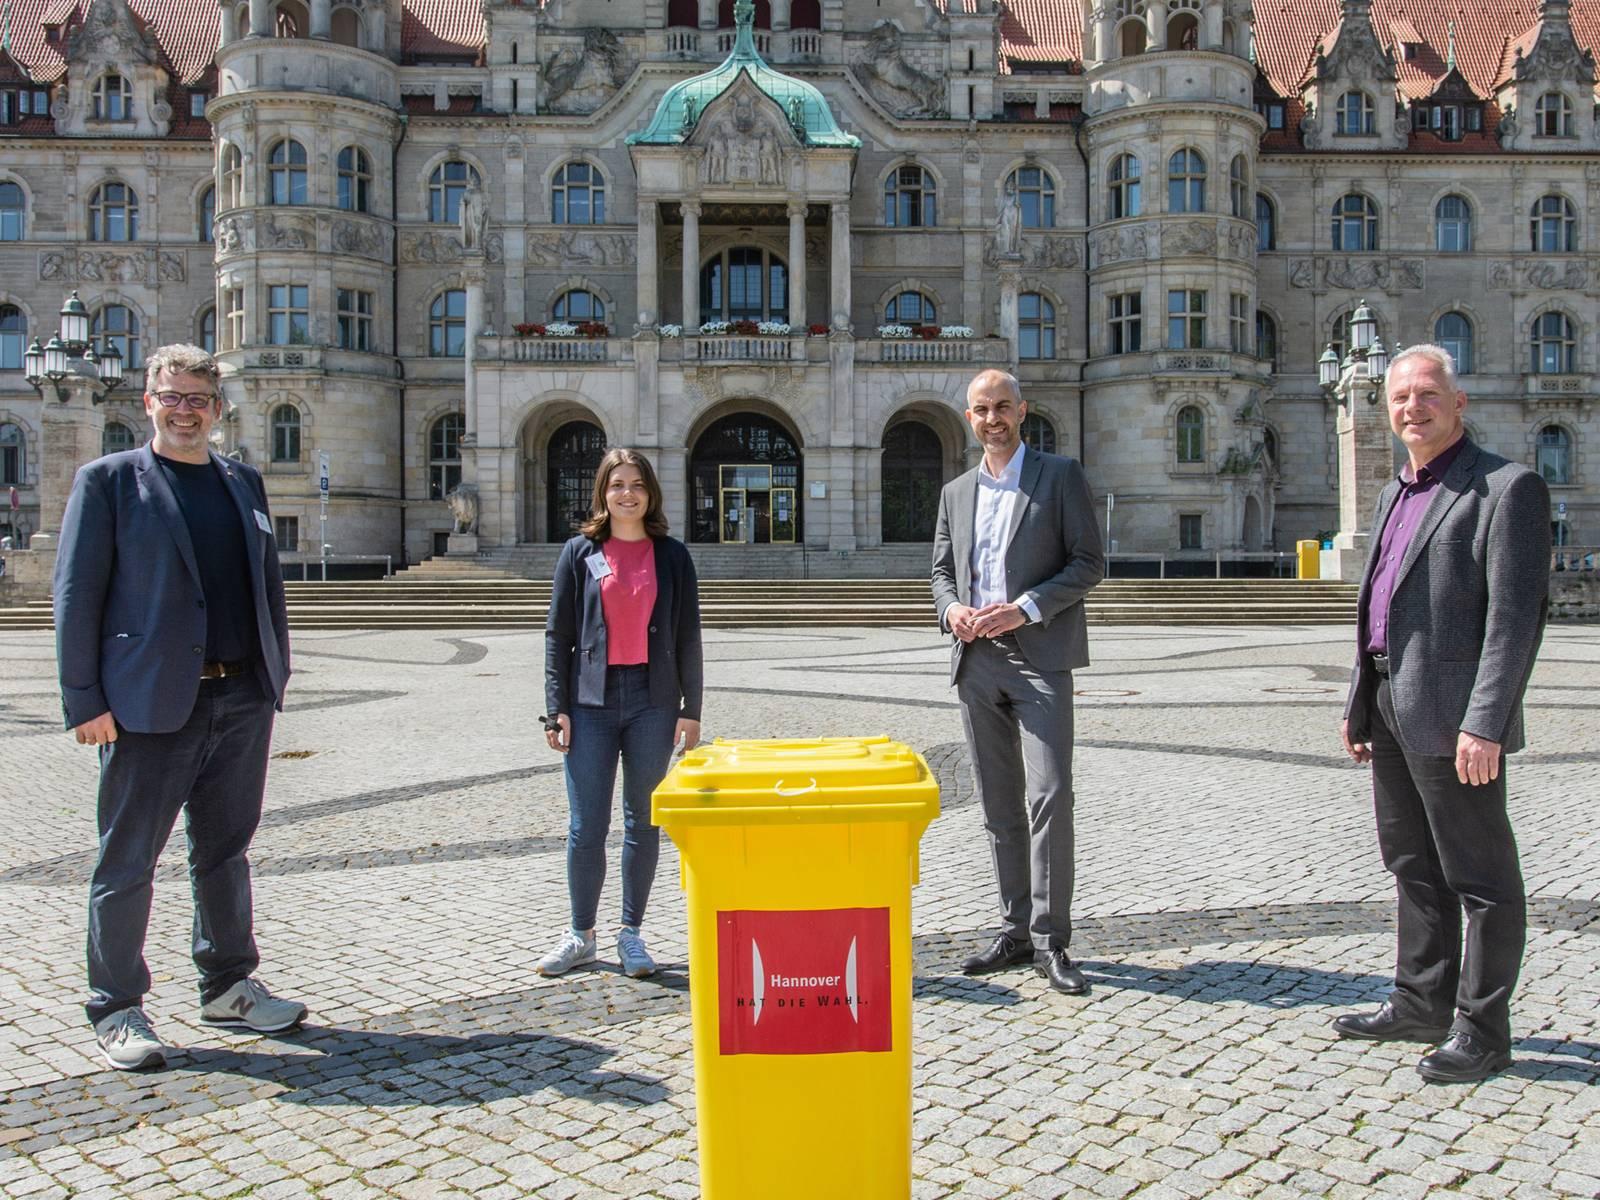 Vier Personen stehen um eine gelbe Wahlurne herum auf dem Trammplatz vor dem Neuen Rathaus